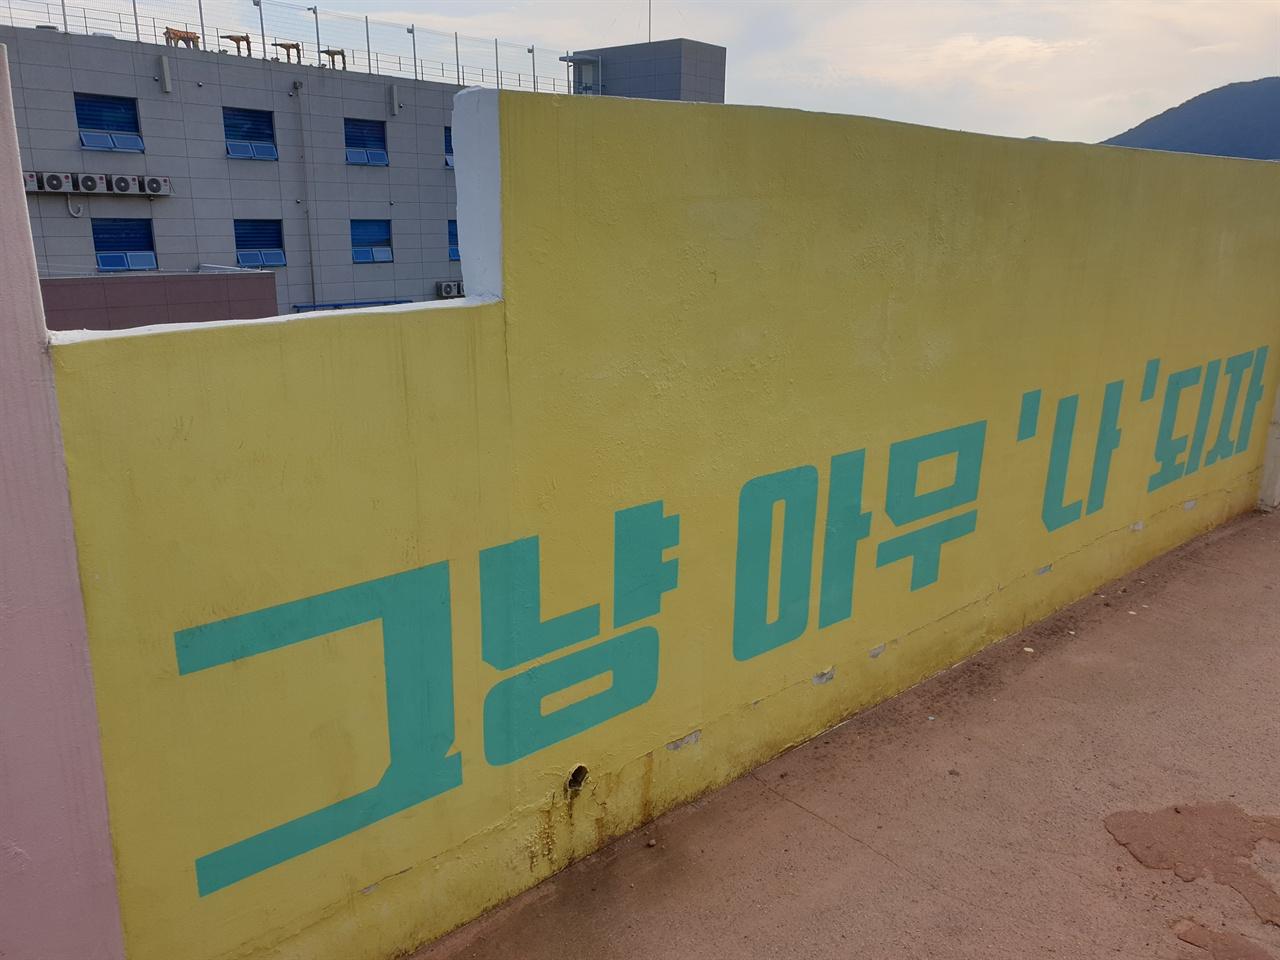 고소동 천사벽화골목은 지역 주민들이 자발적으로 성금을 모아 벽화를 그림으로서 관광객들의 발길을 사로잡고 있다.